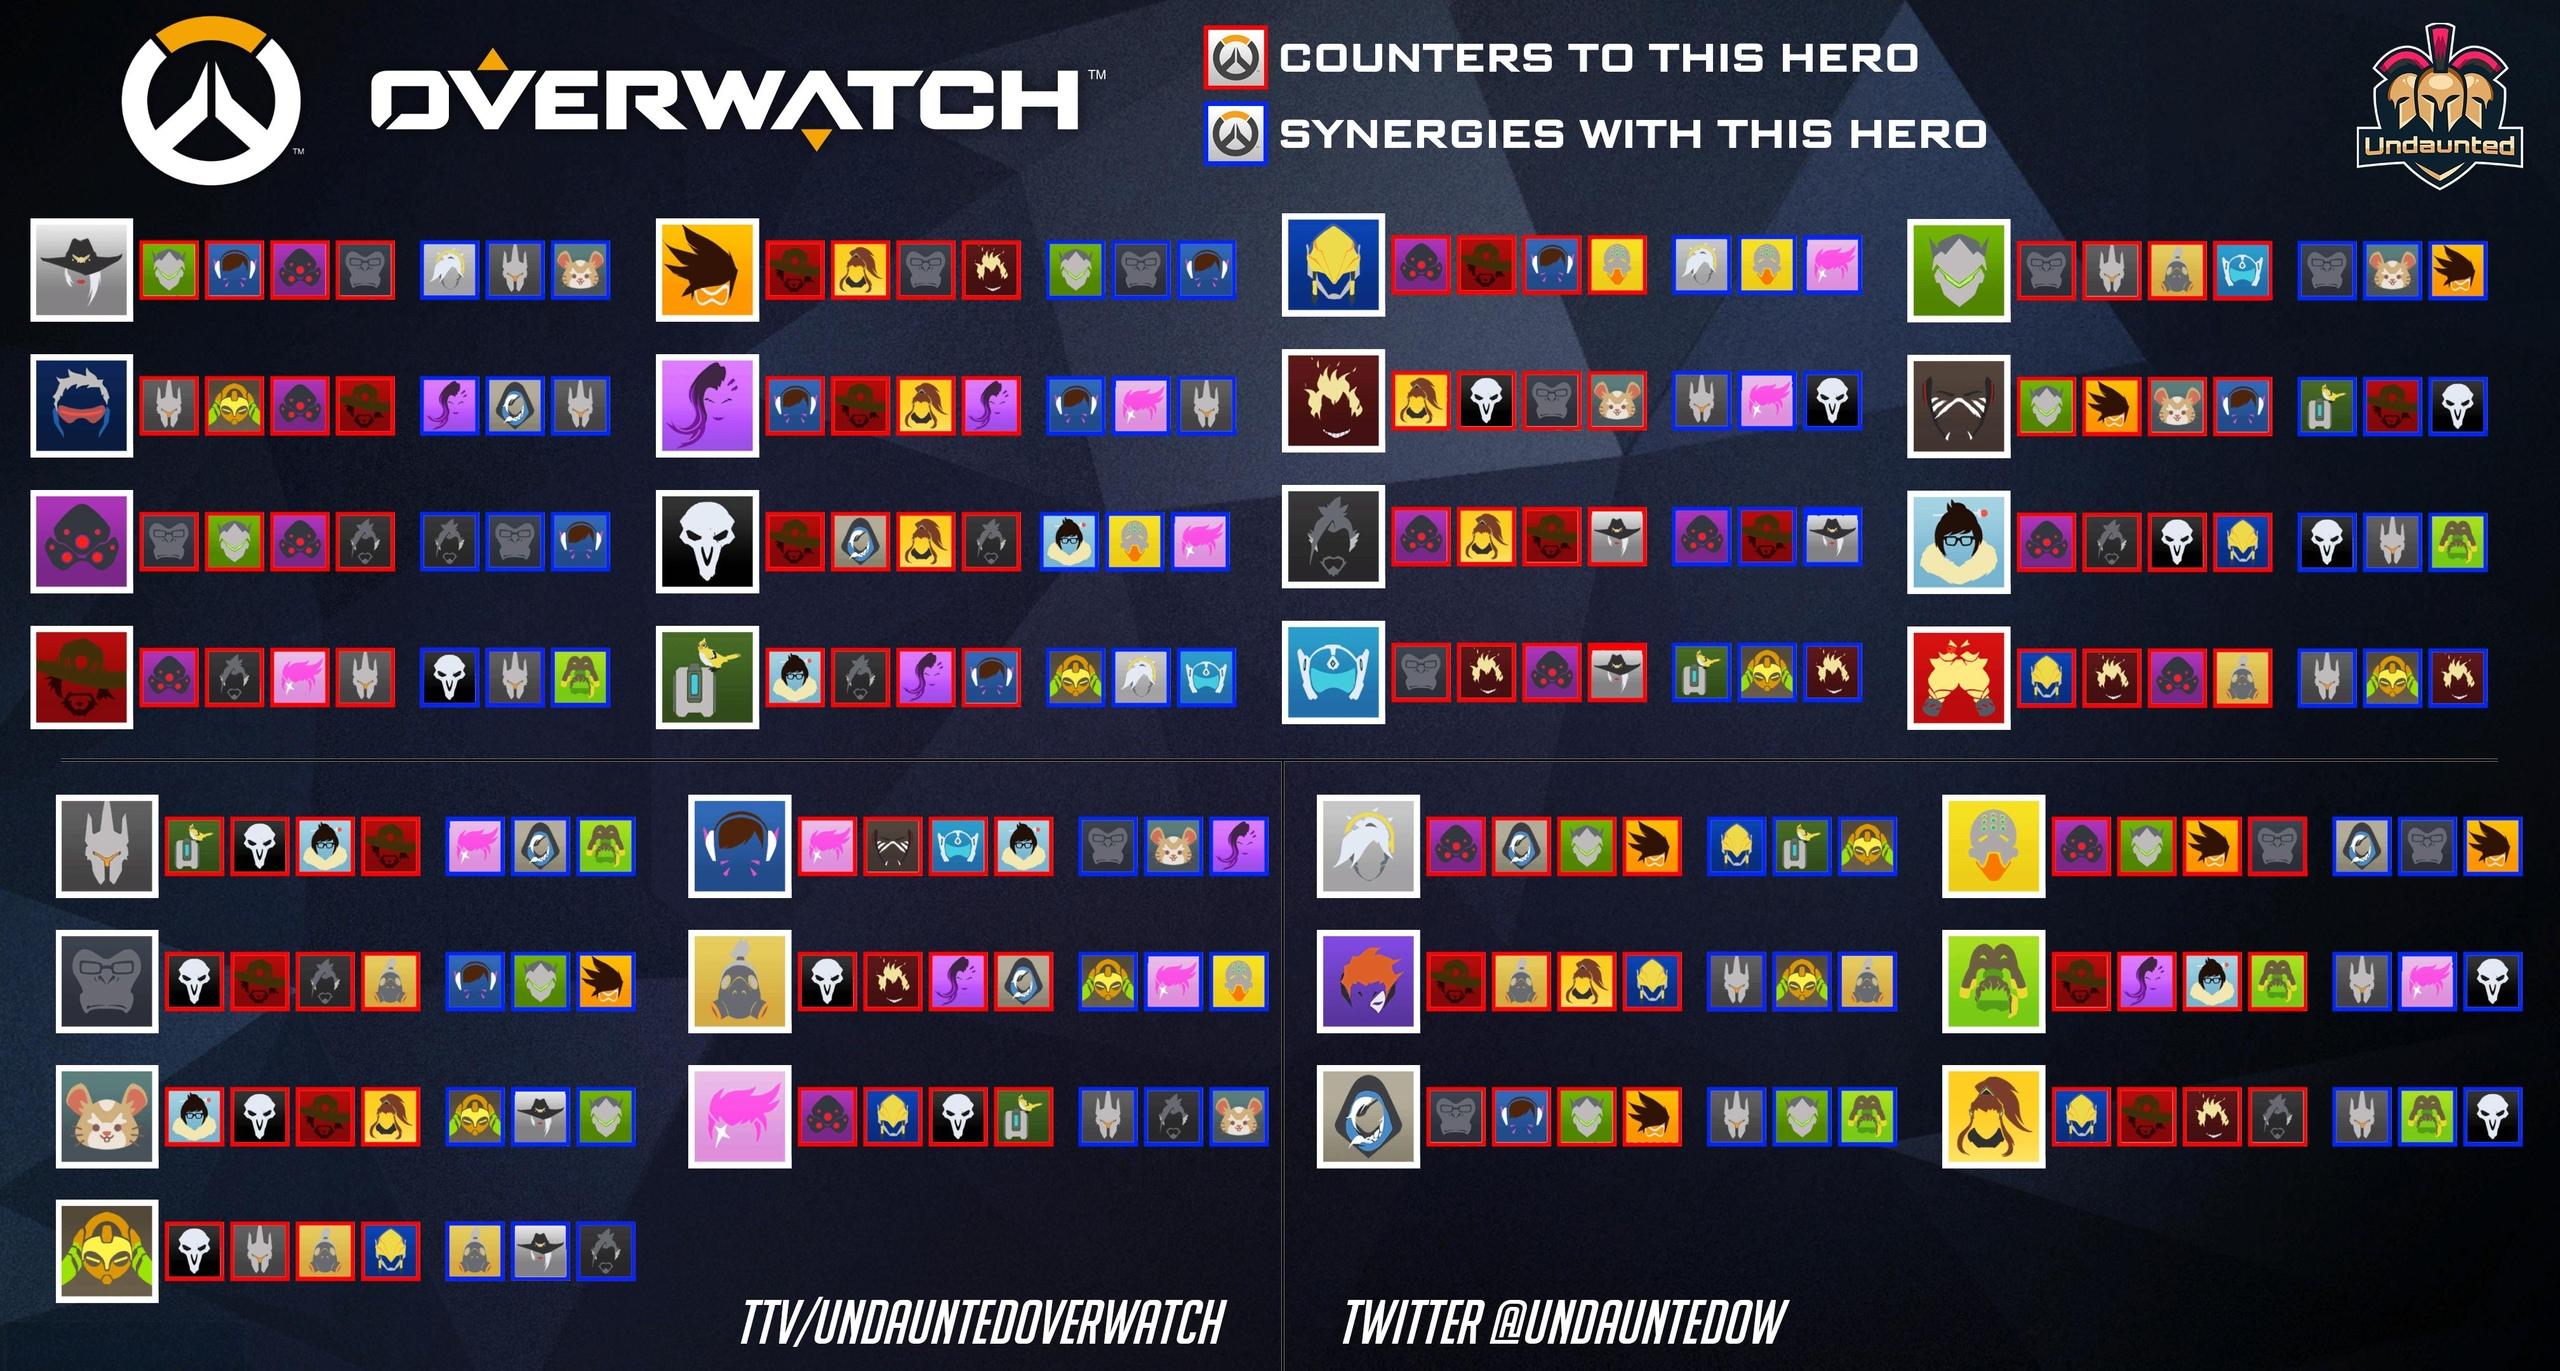 Кто кого контрит в Overwatch?